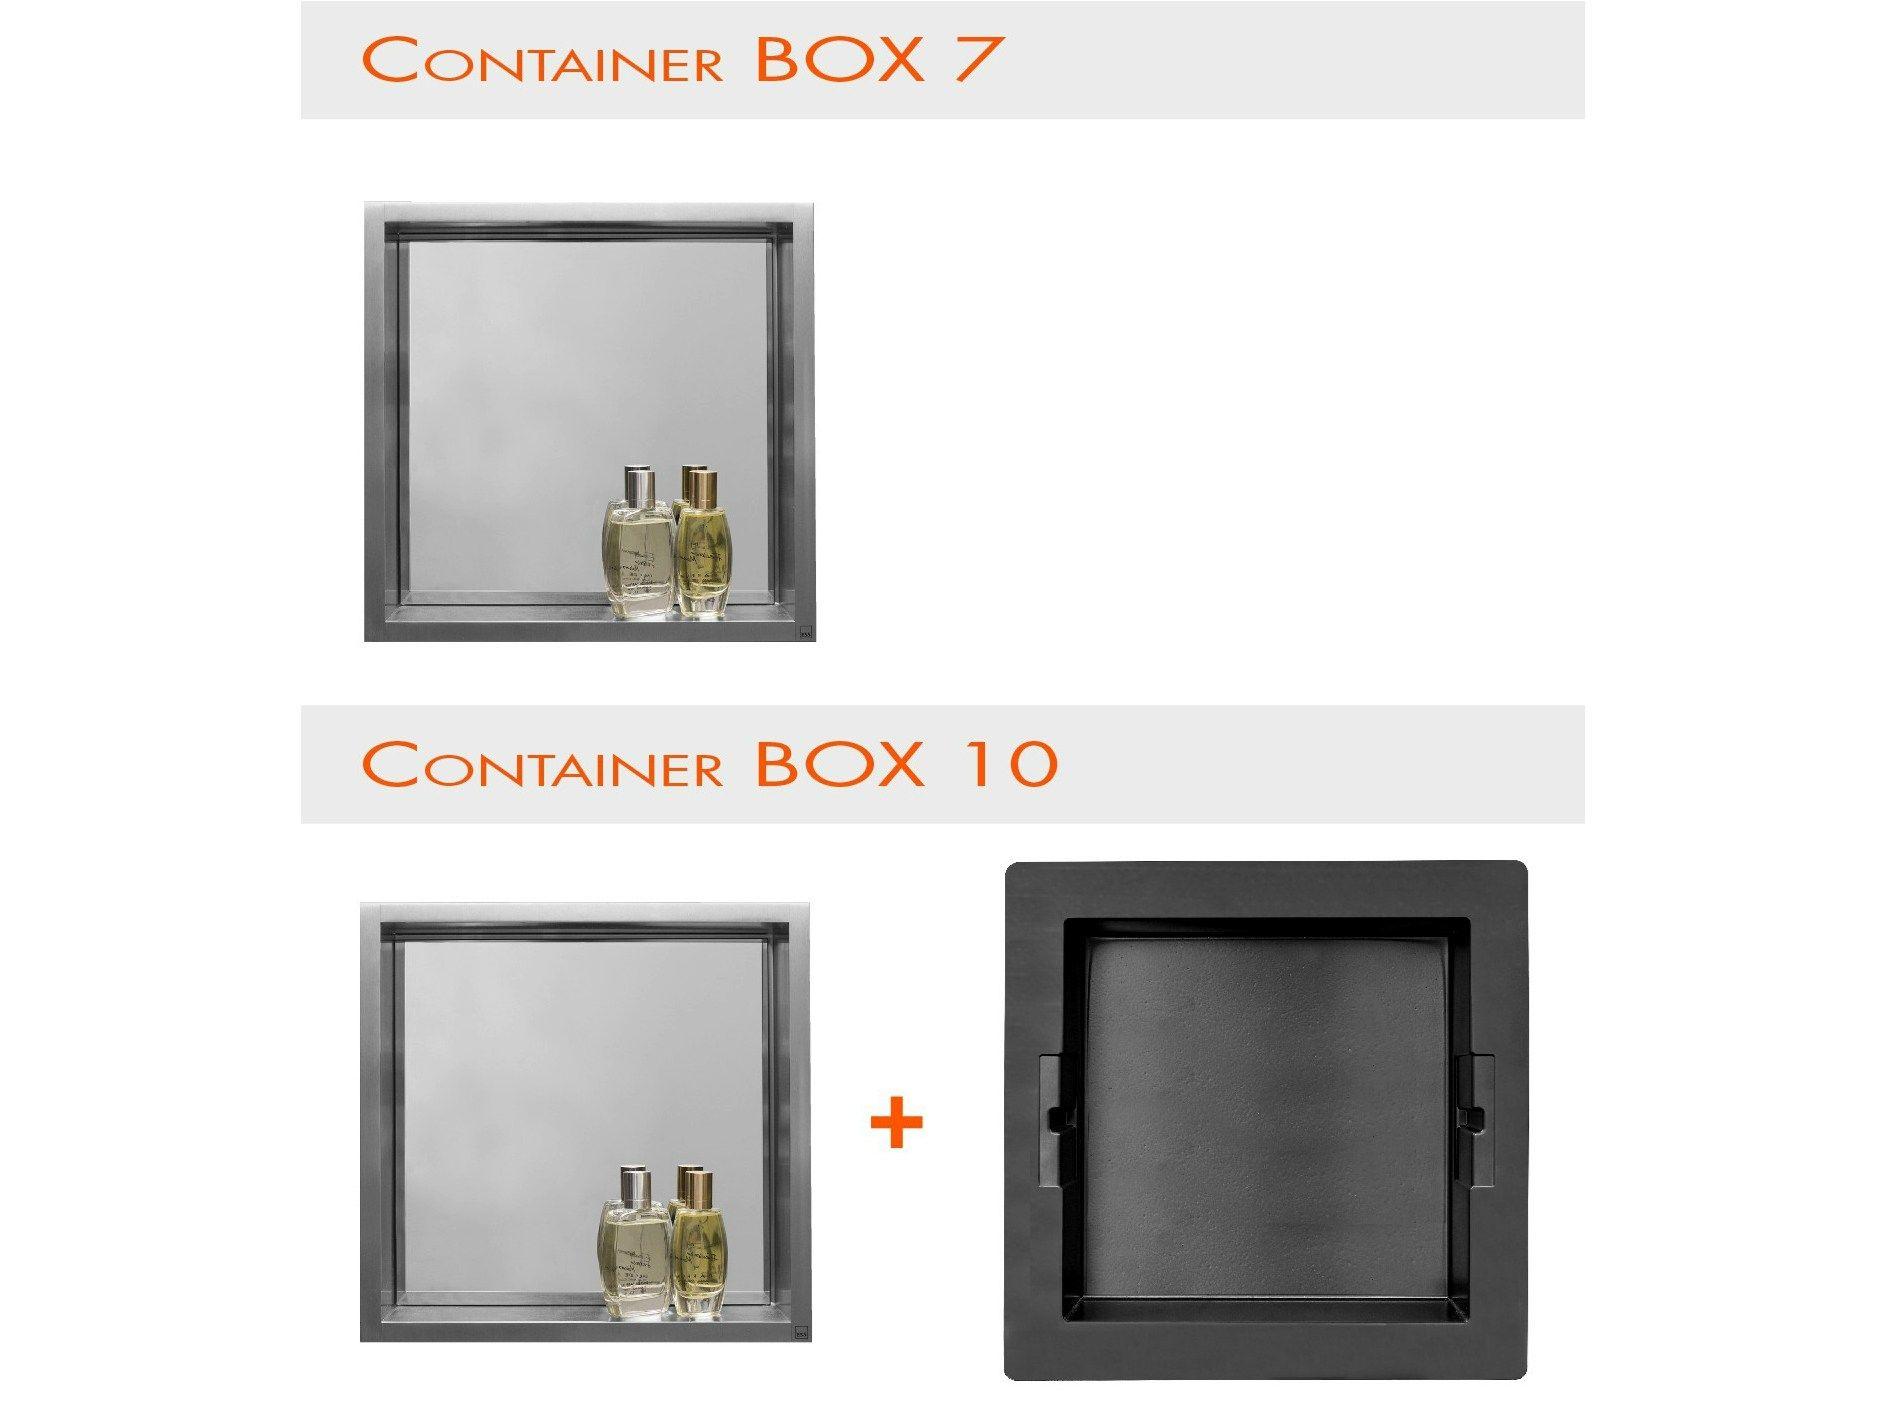 Estantes De Acero Para Baño:Estante para cuarto de baños de acero inoxidable CONTAINER BOX NICHO